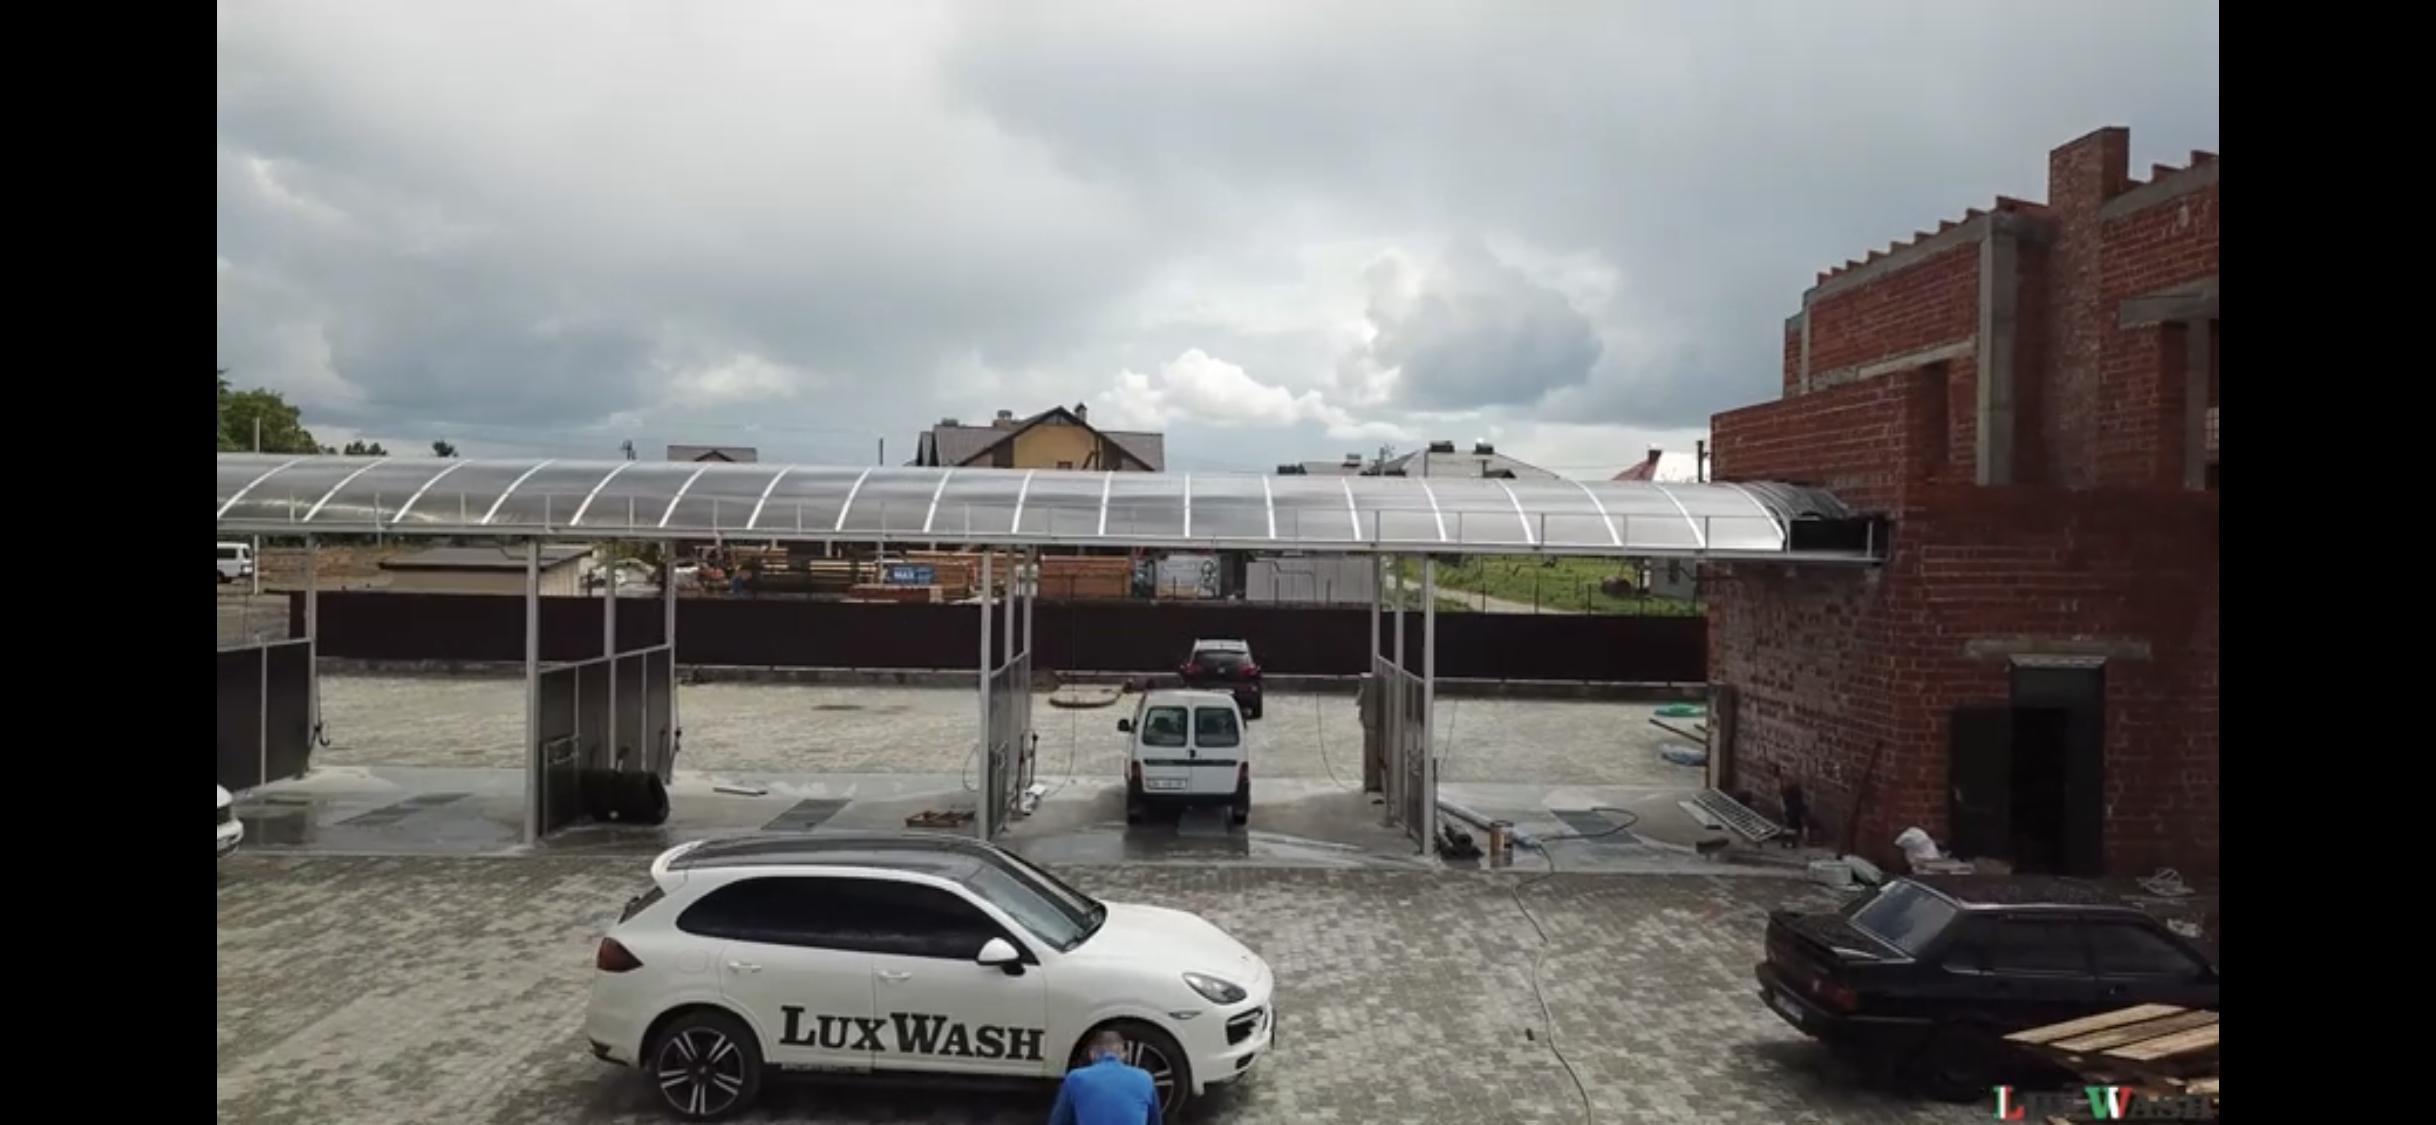 LuxWash, Автомийка самообслуговування, відкриття у Рудно